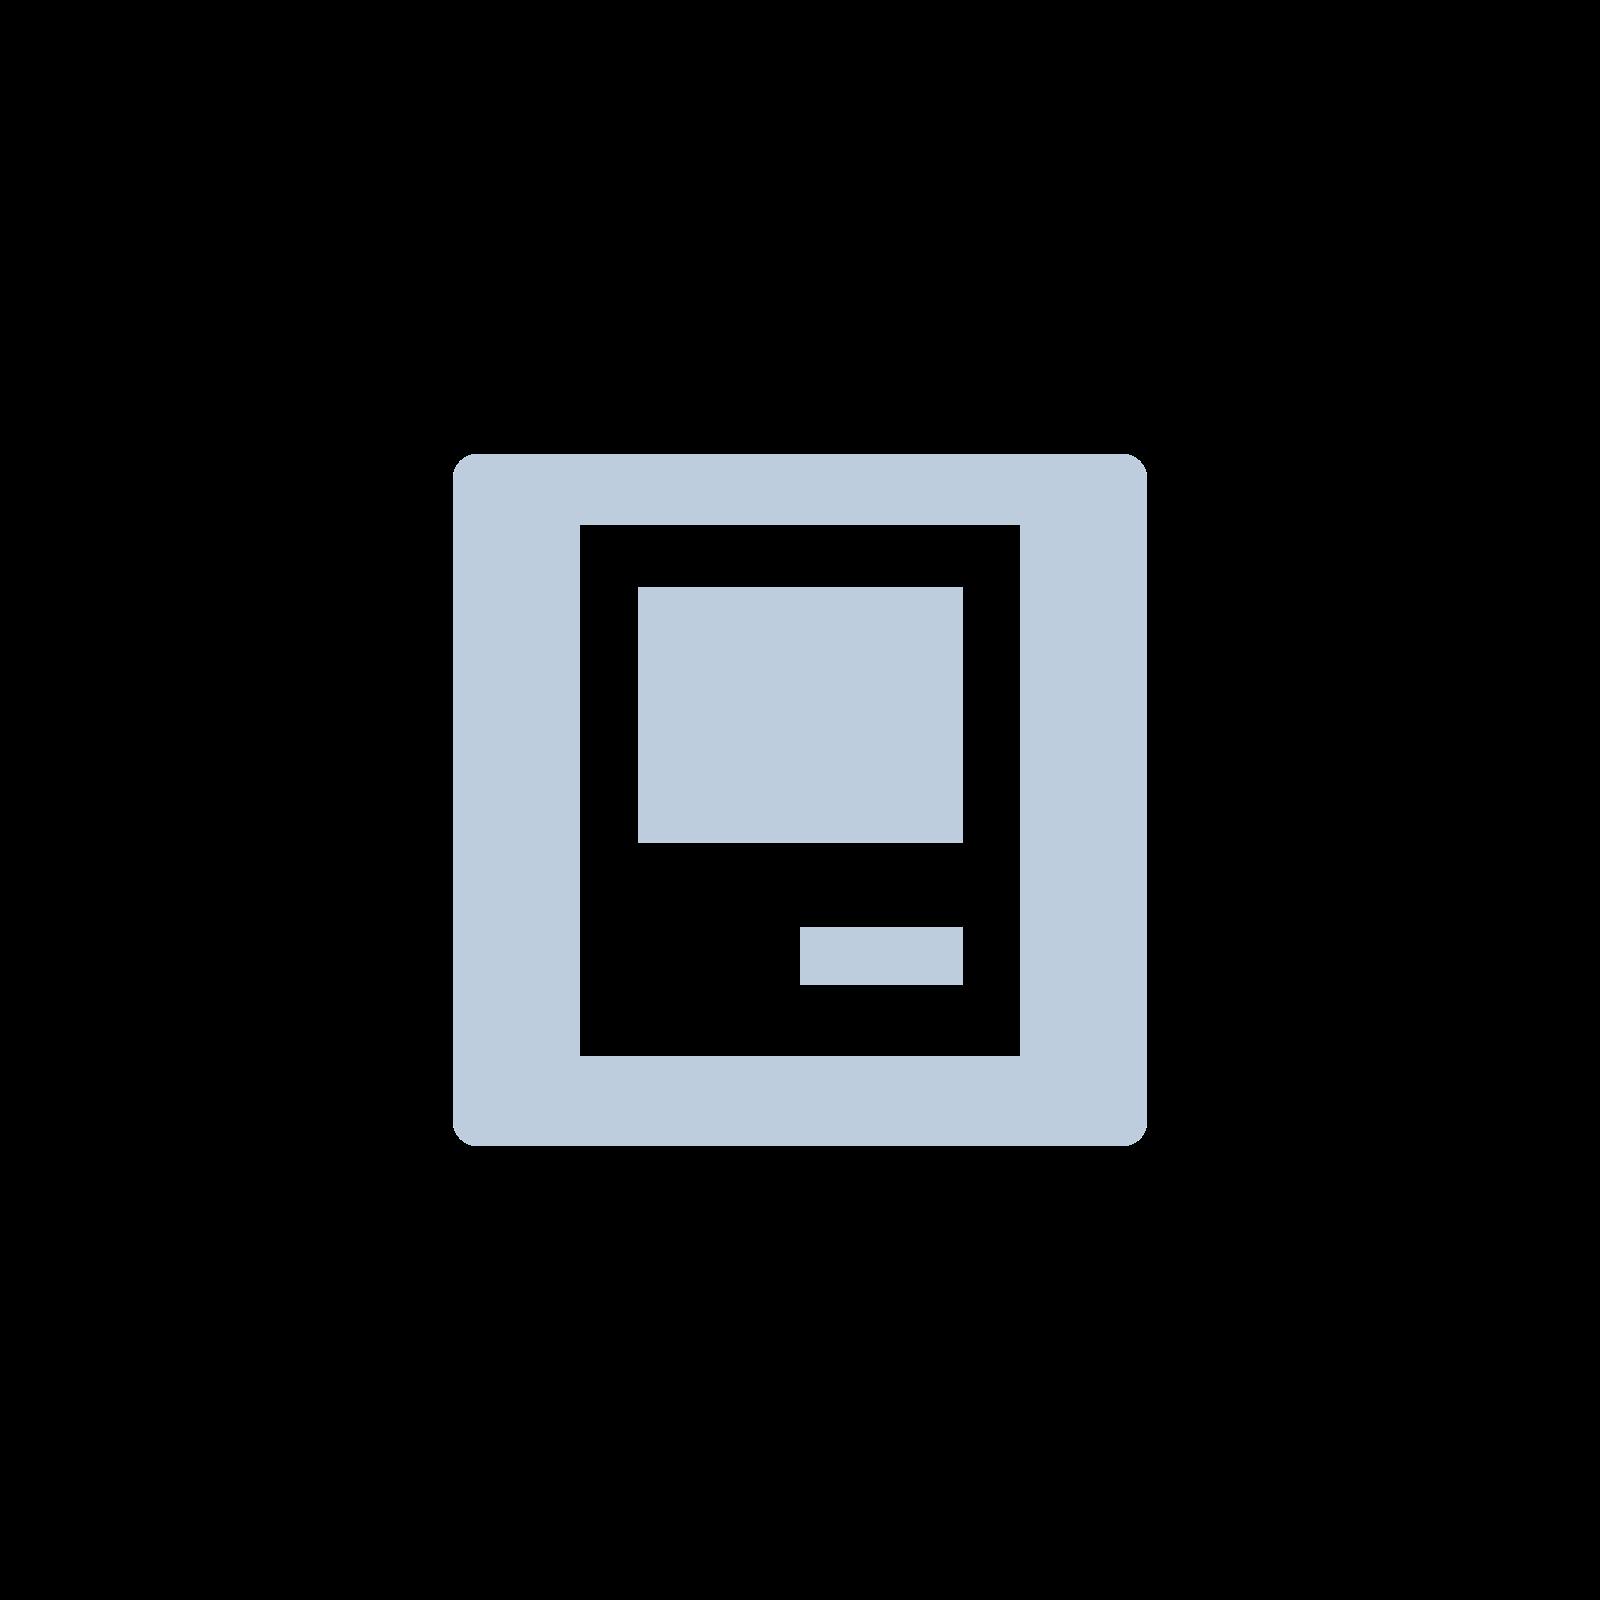 Mac mini Core i5 2.5 GHz (Macmini6,1, 500GB, 16GB)